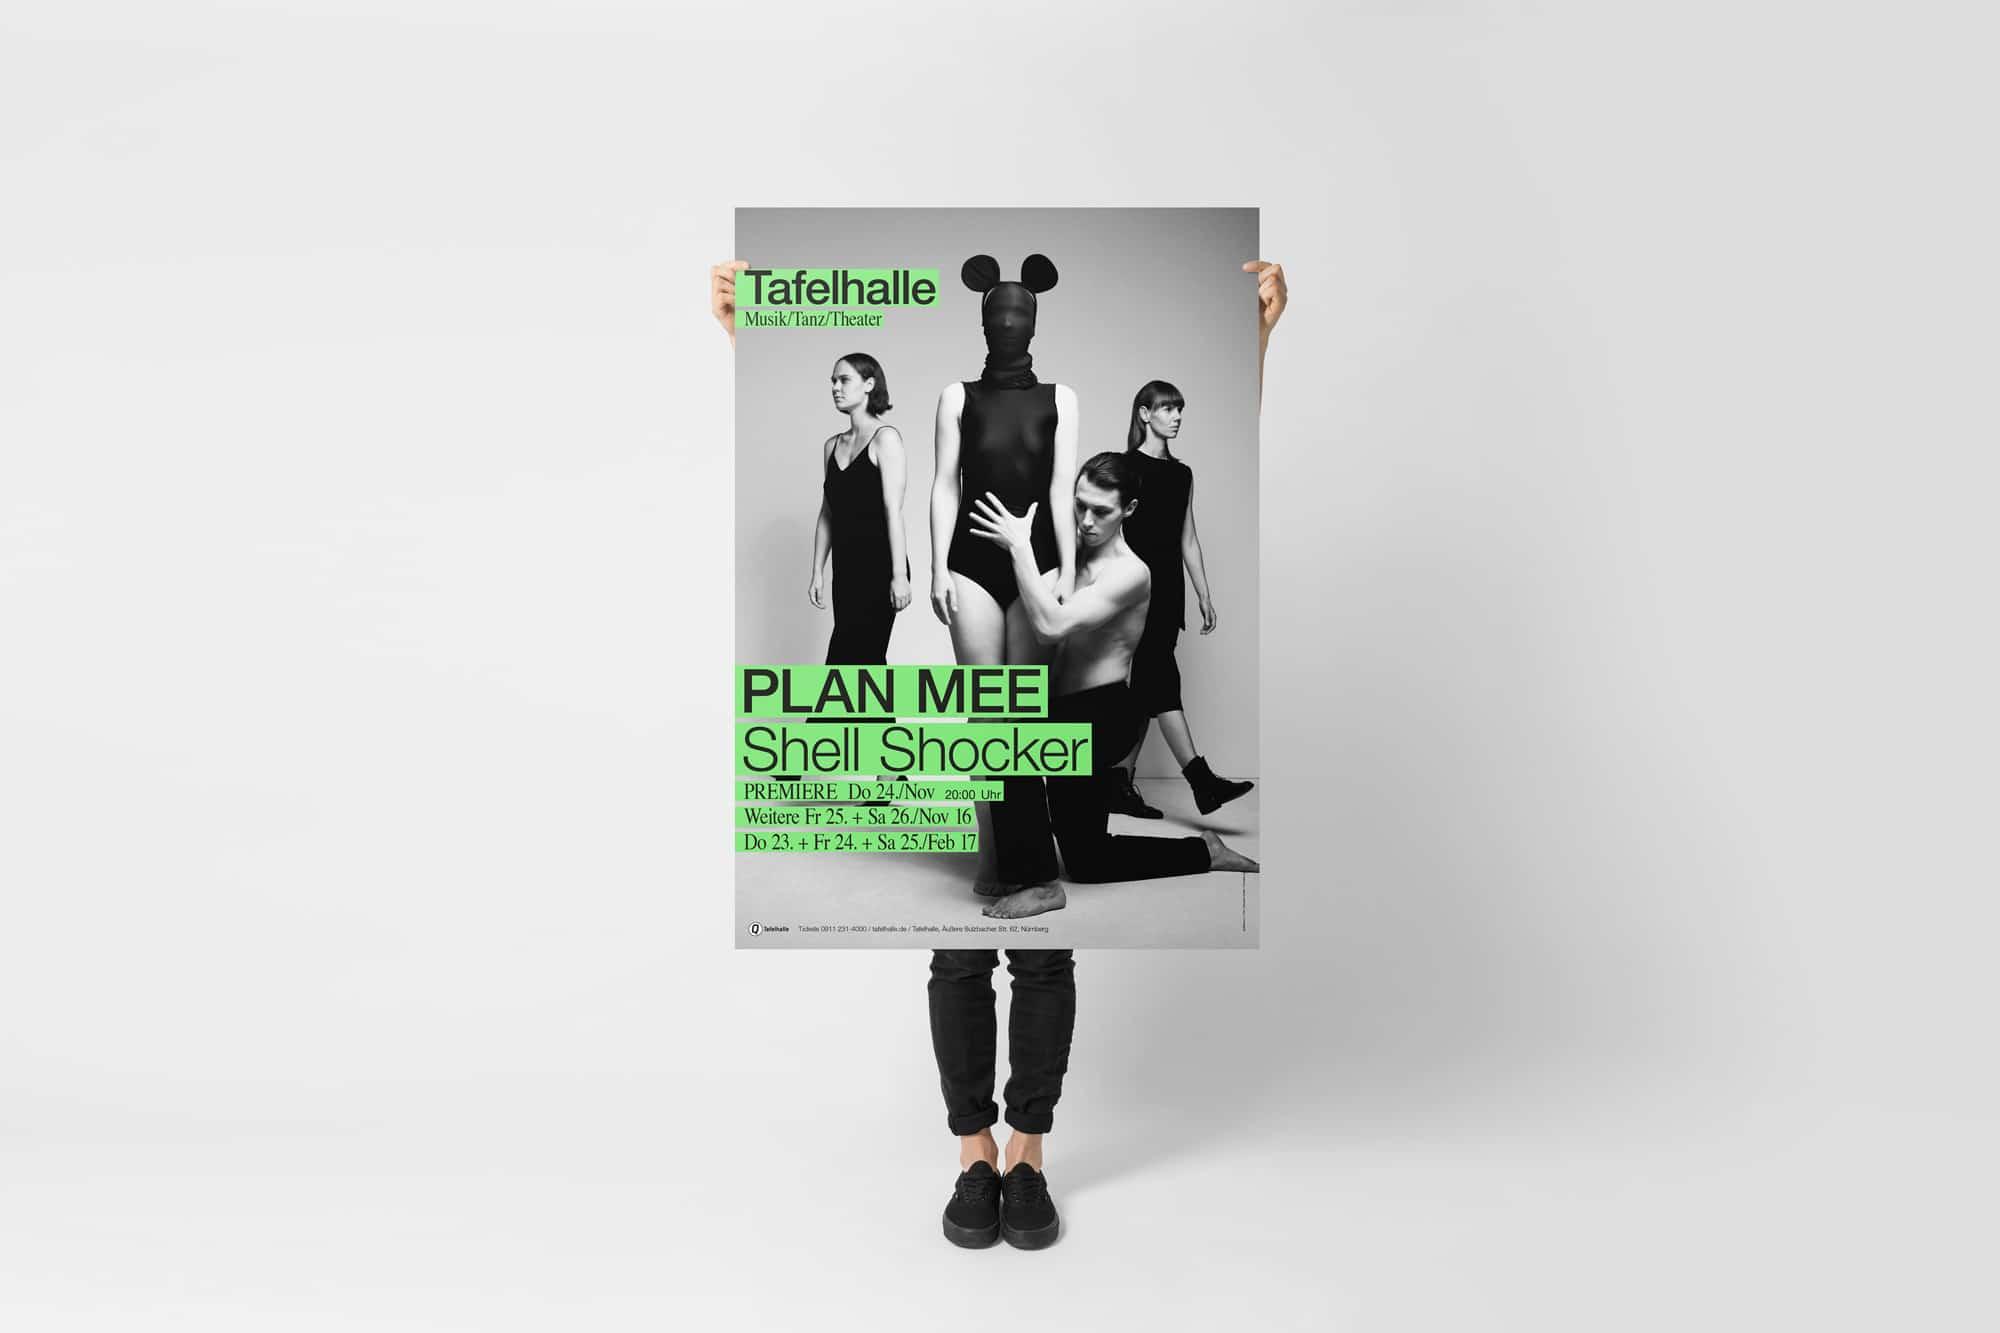 planx-Tafelhalle-2016-17-Plakat05b